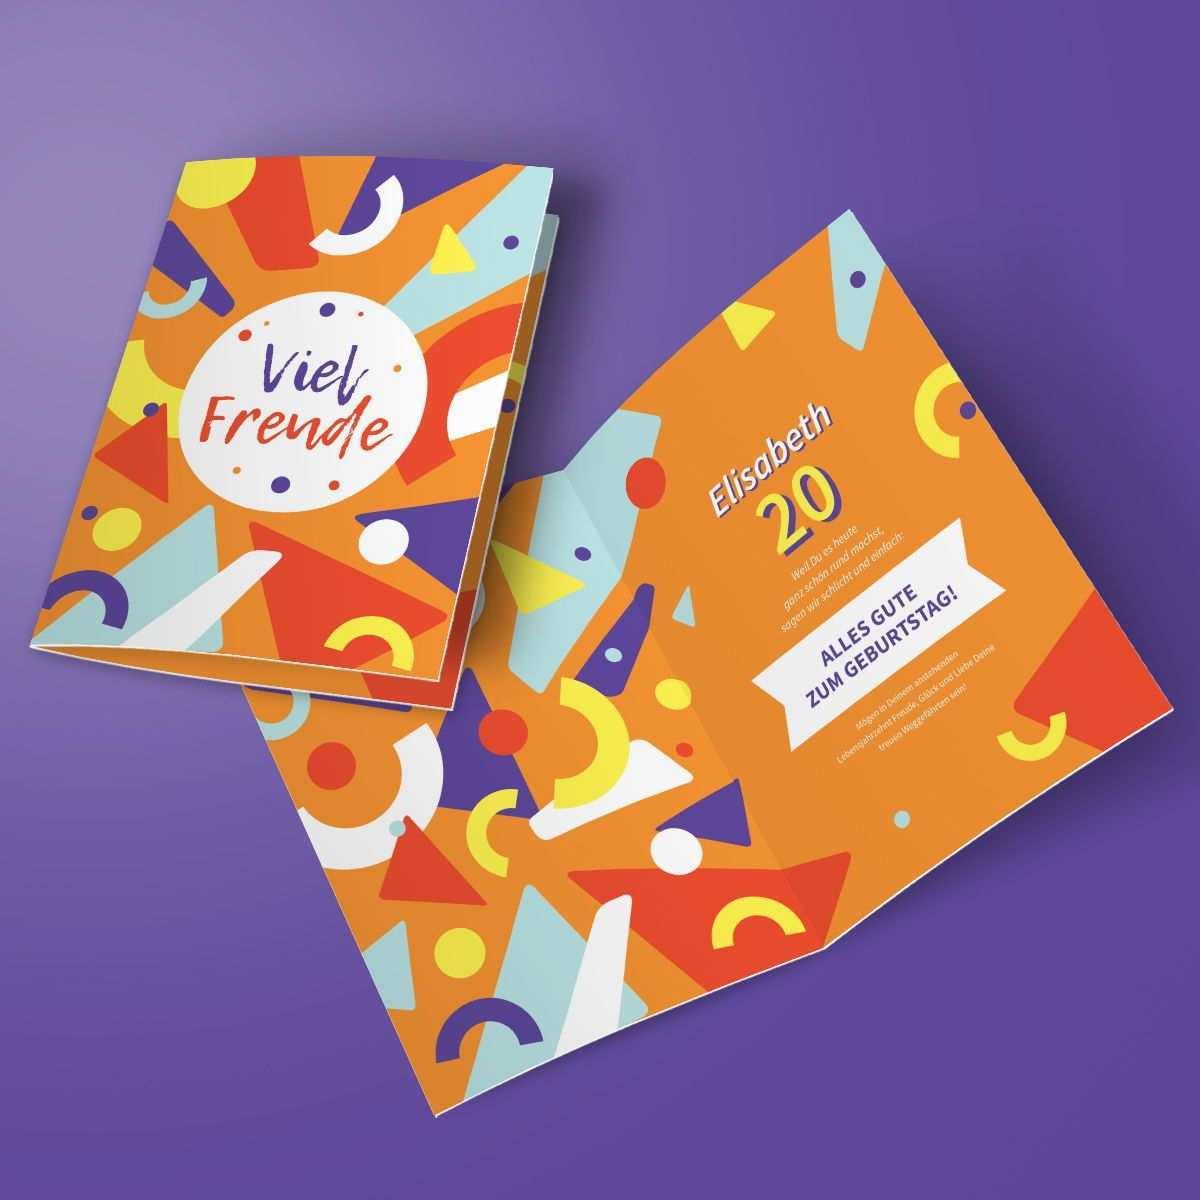 Vorlagen Fur Geburtstagskarten Selbst Gestalten Und Ausdrucken Geburtstagskarte Vorlagen Ausdrucken